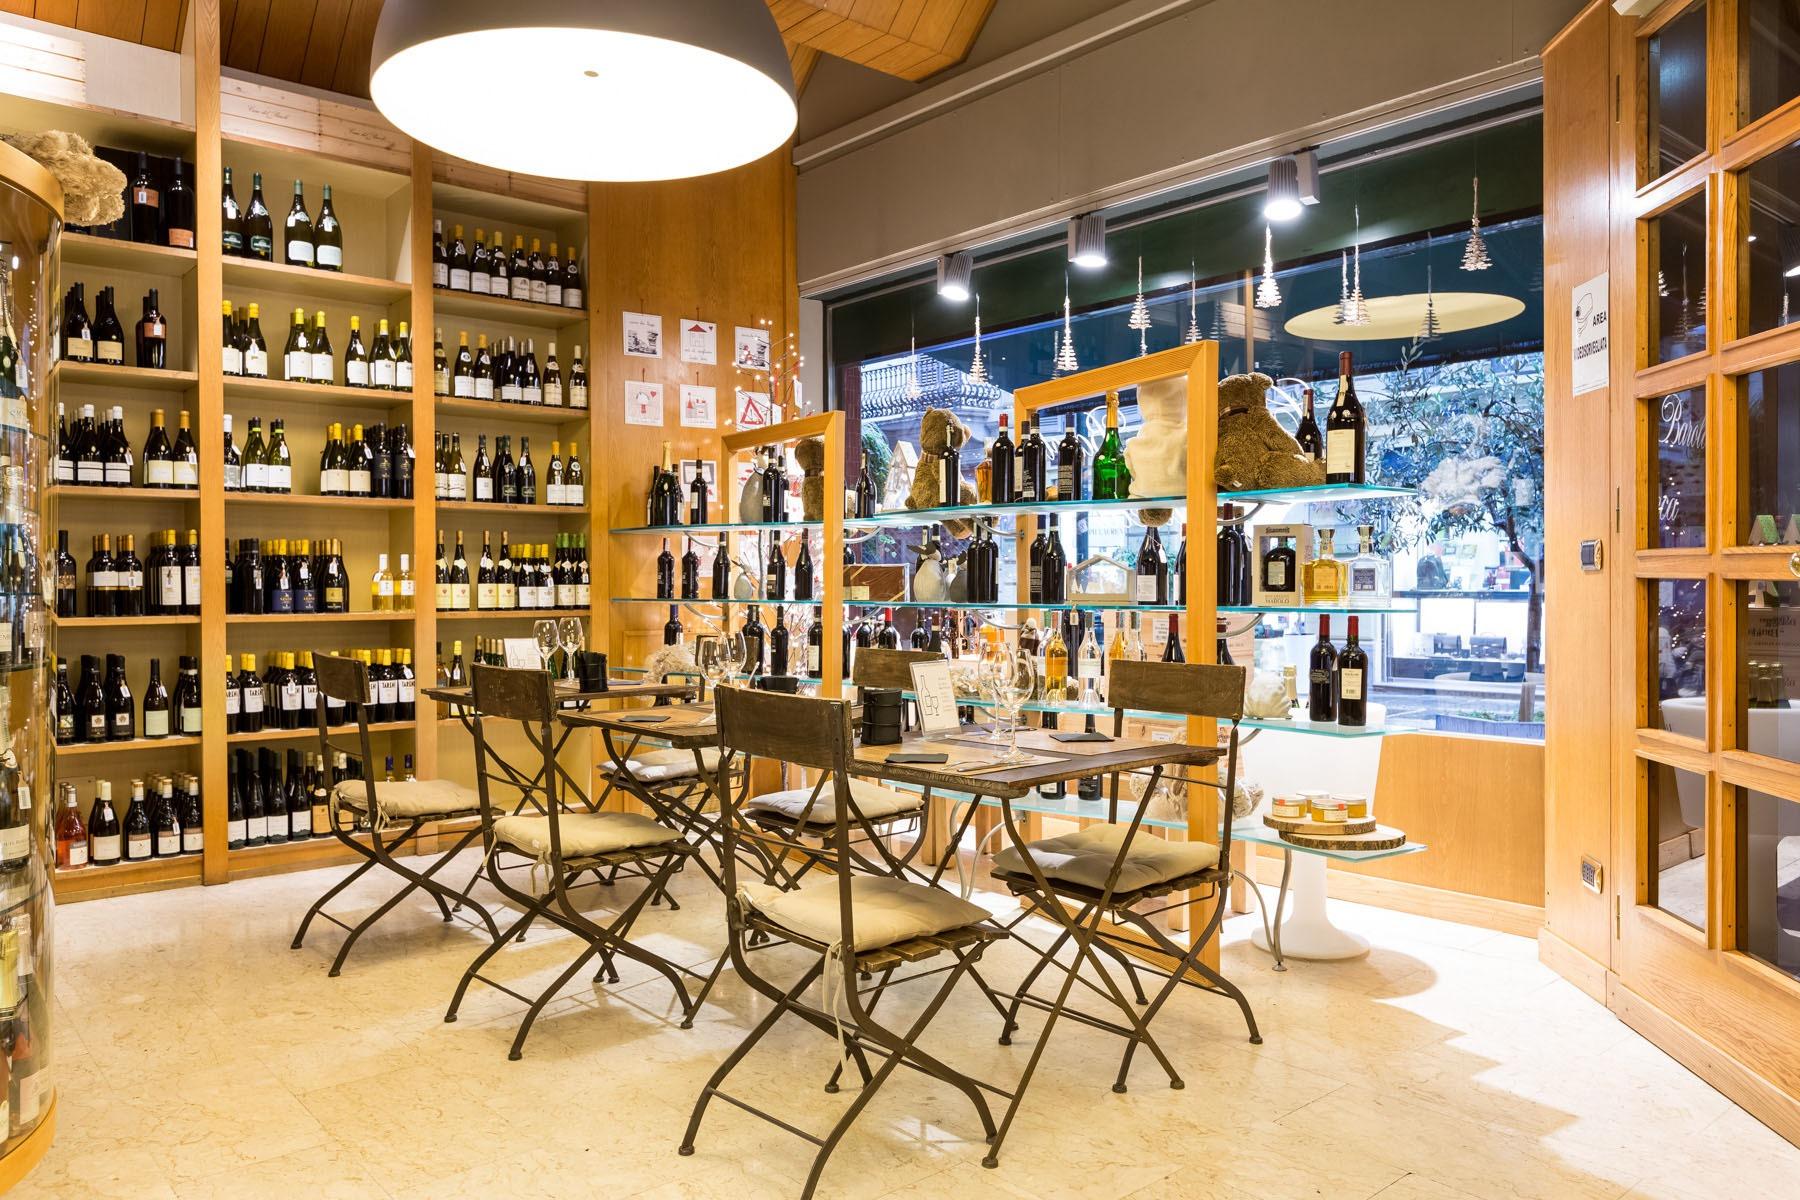 Enoteca e aperitivo Torino da Casa del Barolo